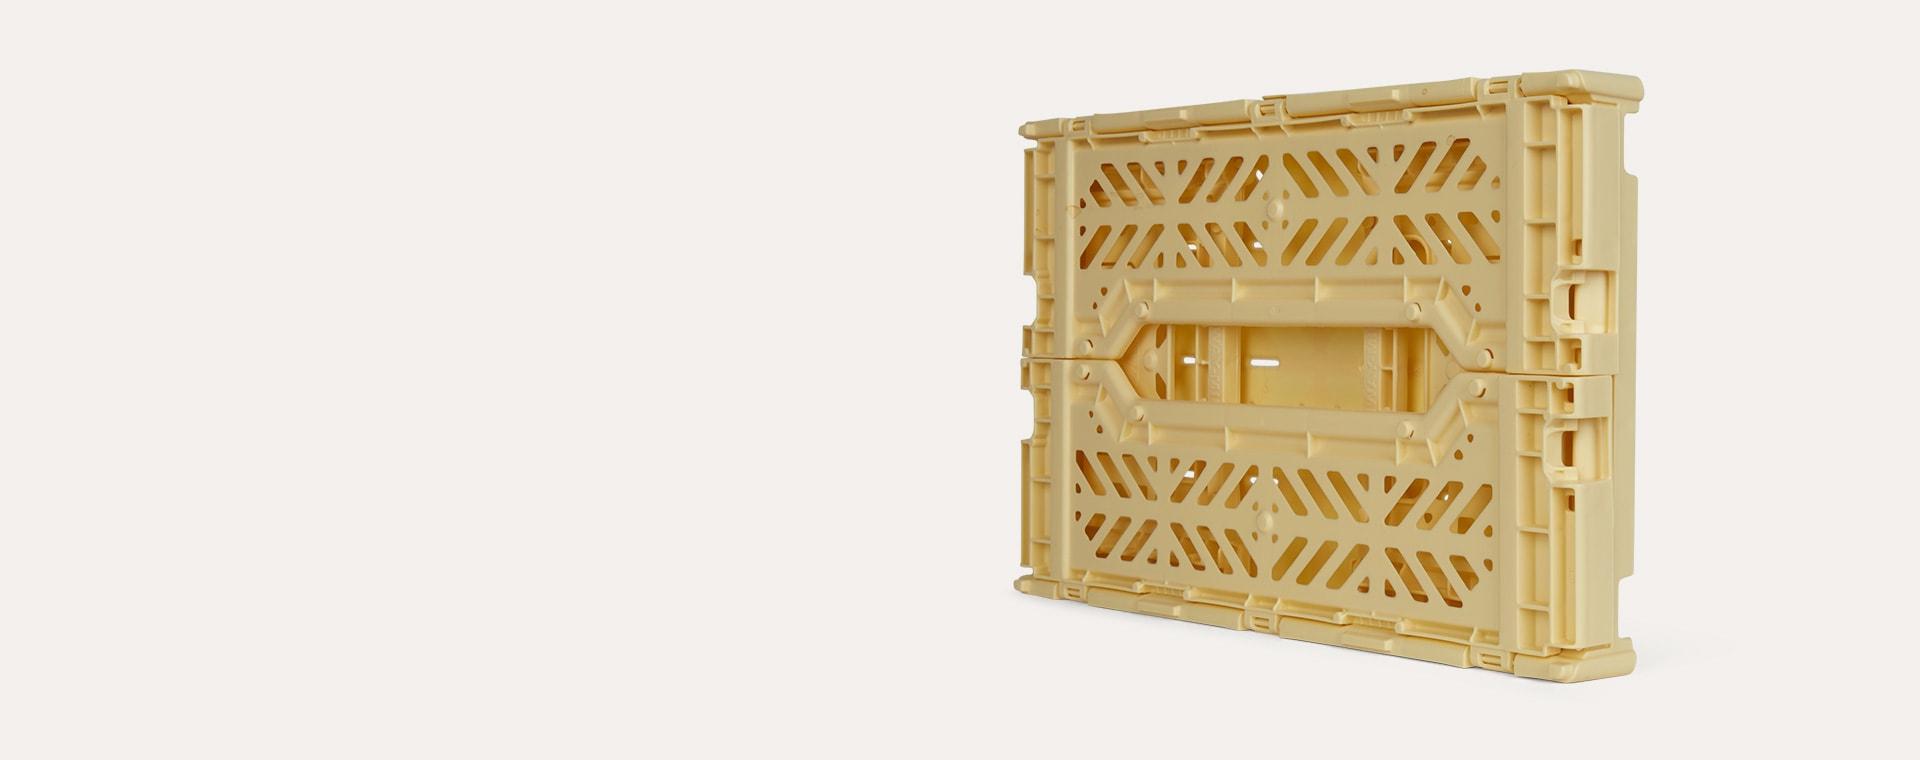 Banana Aykasa Mini Crate